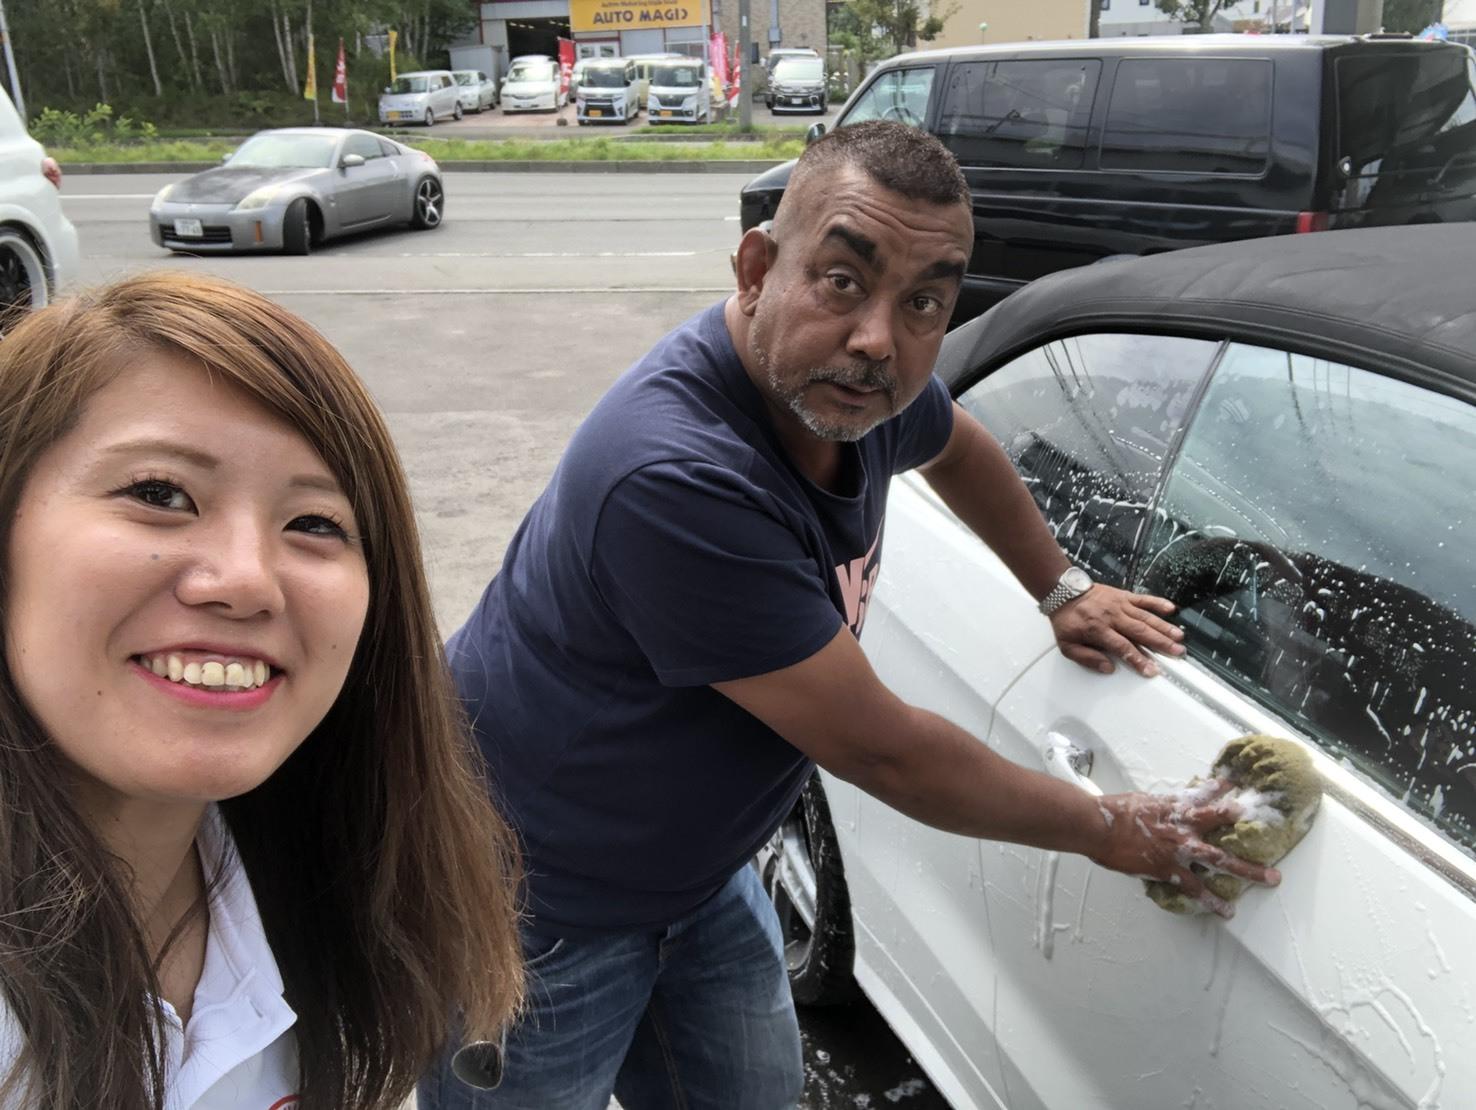 9月5日(木)本店ブログ♪レクサスLX570 4WD  入庫しました♪ ランクル ハマー レクサス♪_b0127002_18562830.jpg